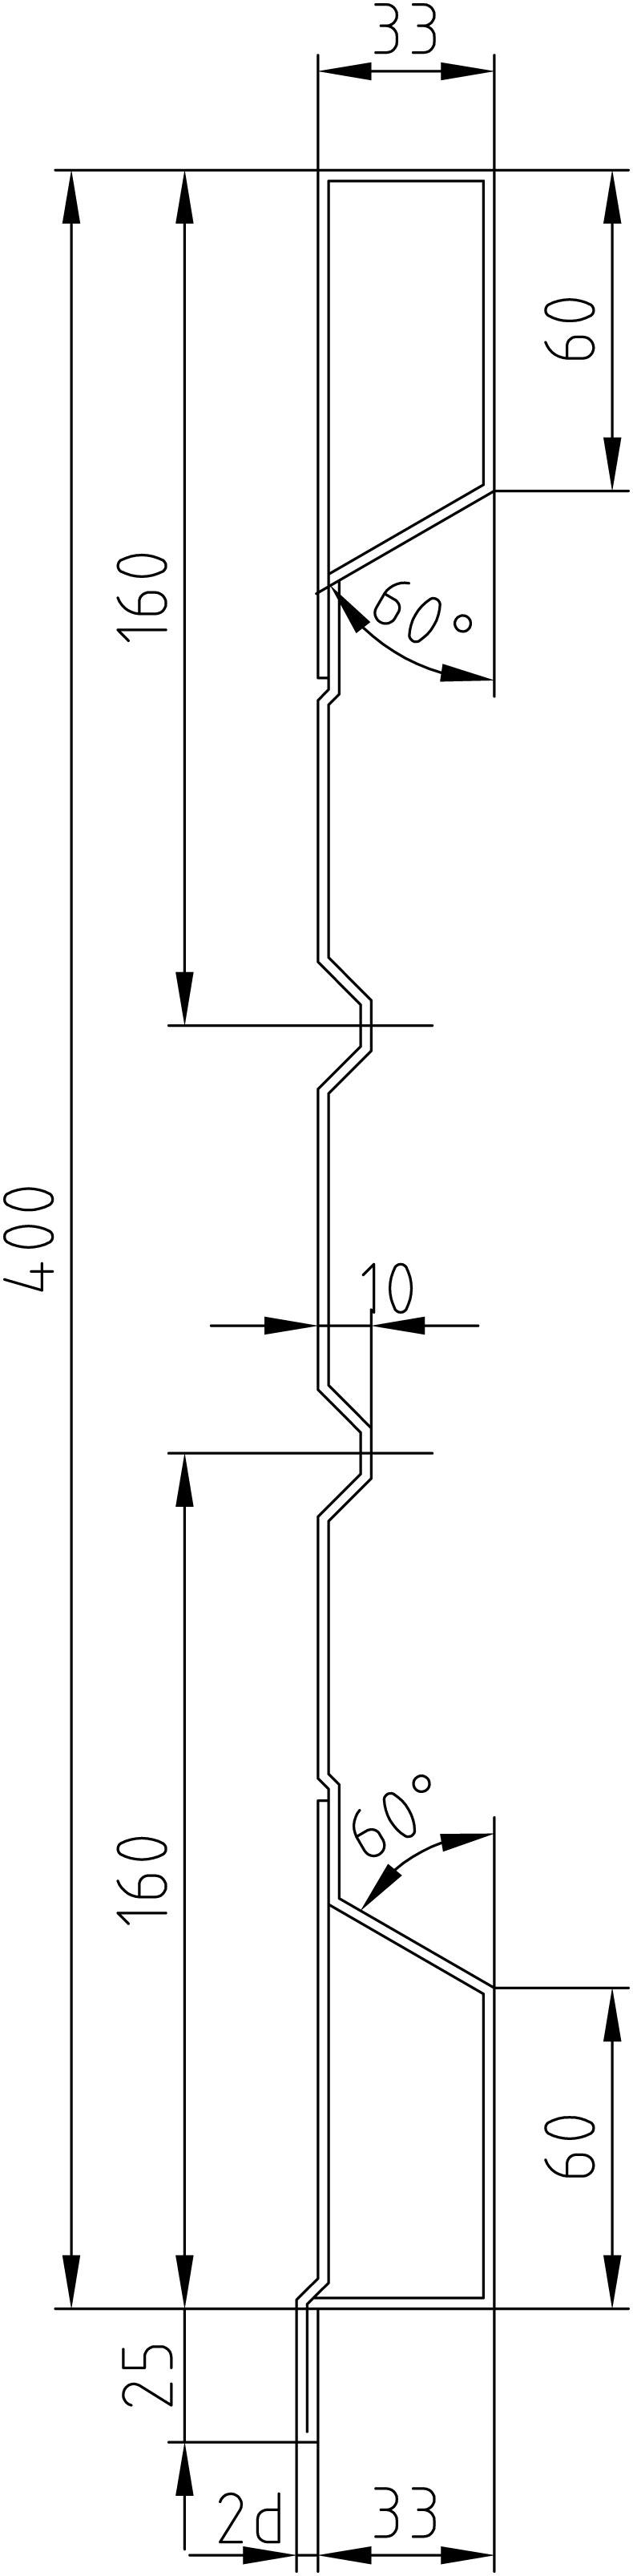 Brantner Kipper und Anhänger - AKoE HVAKKT 400x2 2395 ohne Endleisten